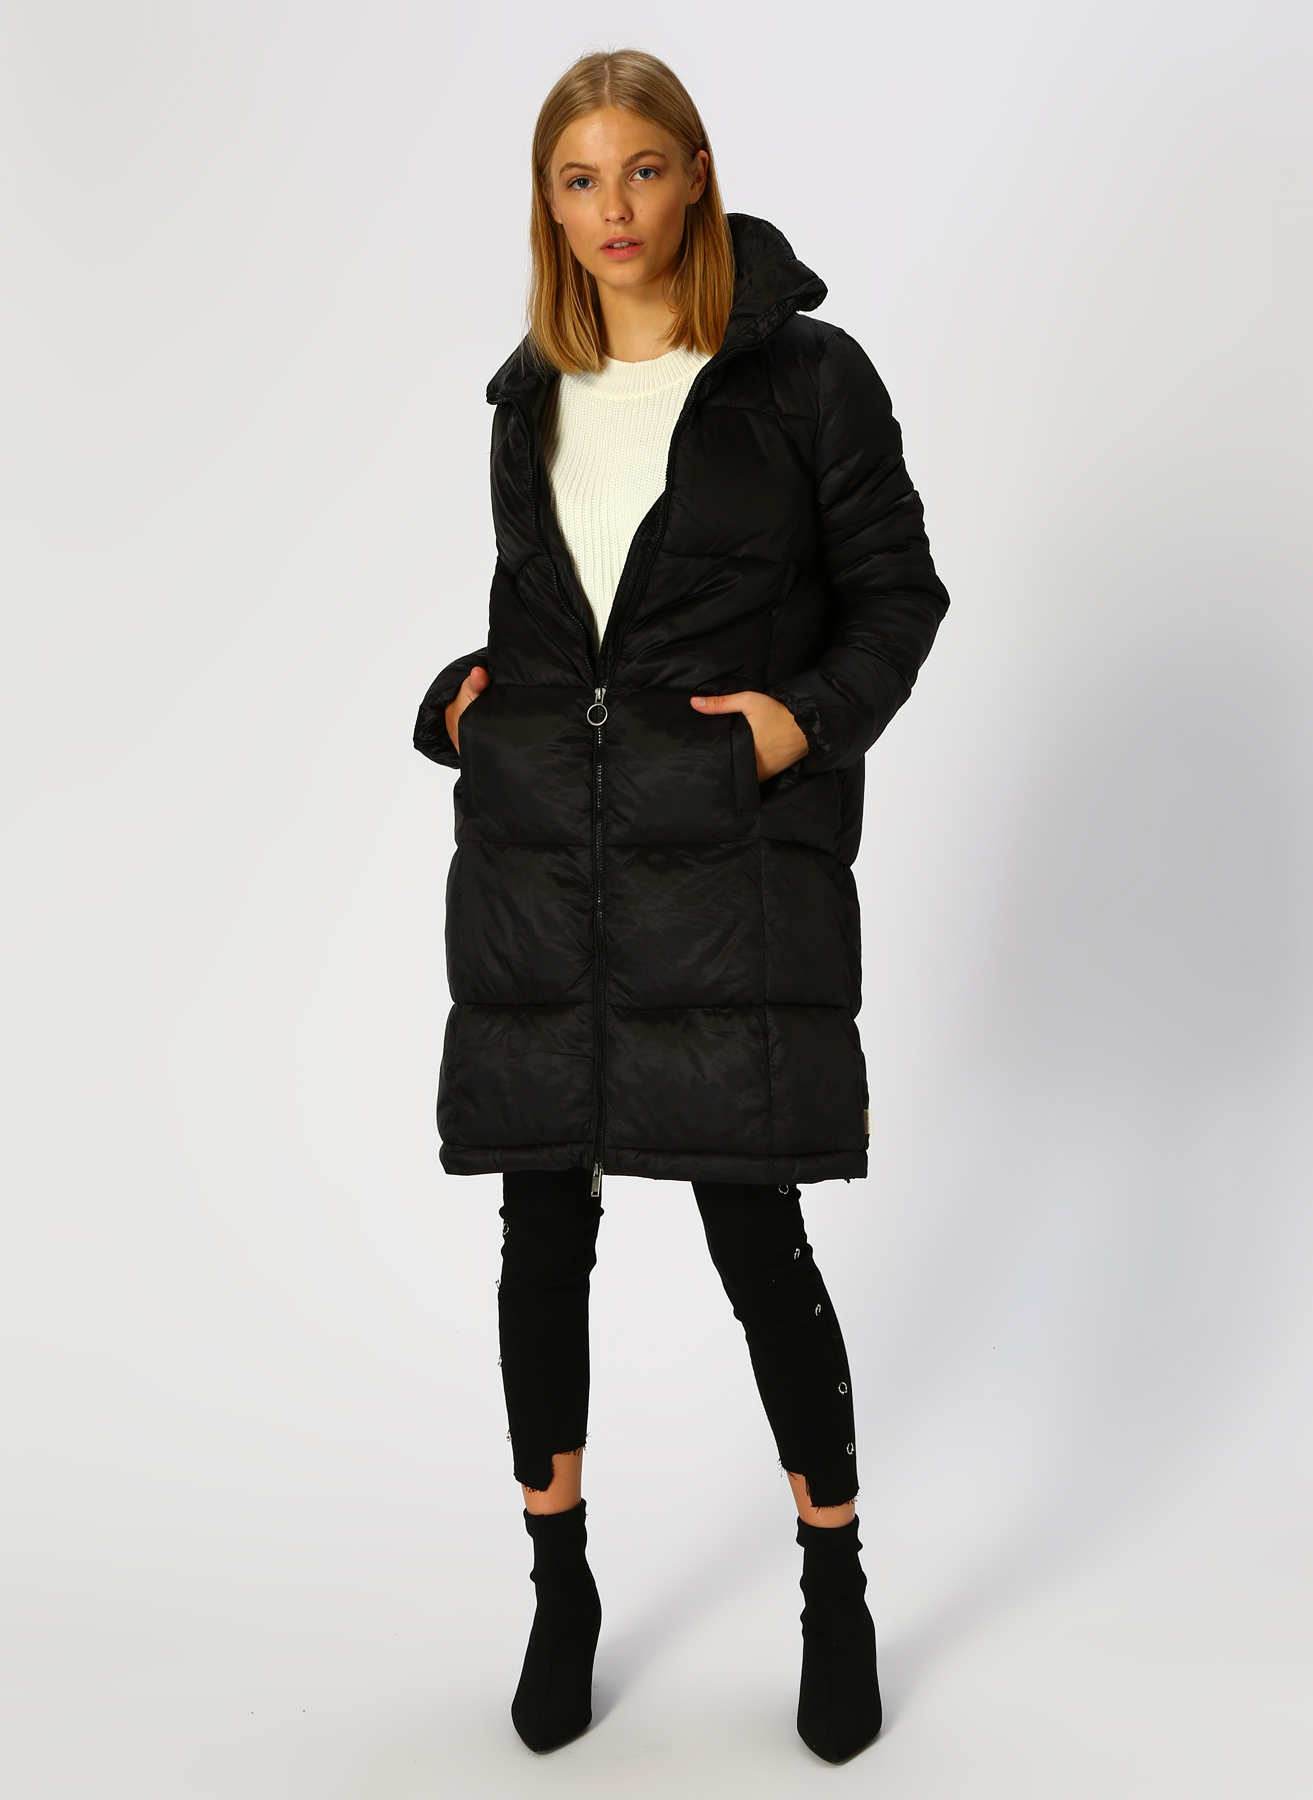 Vero Moda Siyah Mont XS 5001705224004 Ürün Resmi